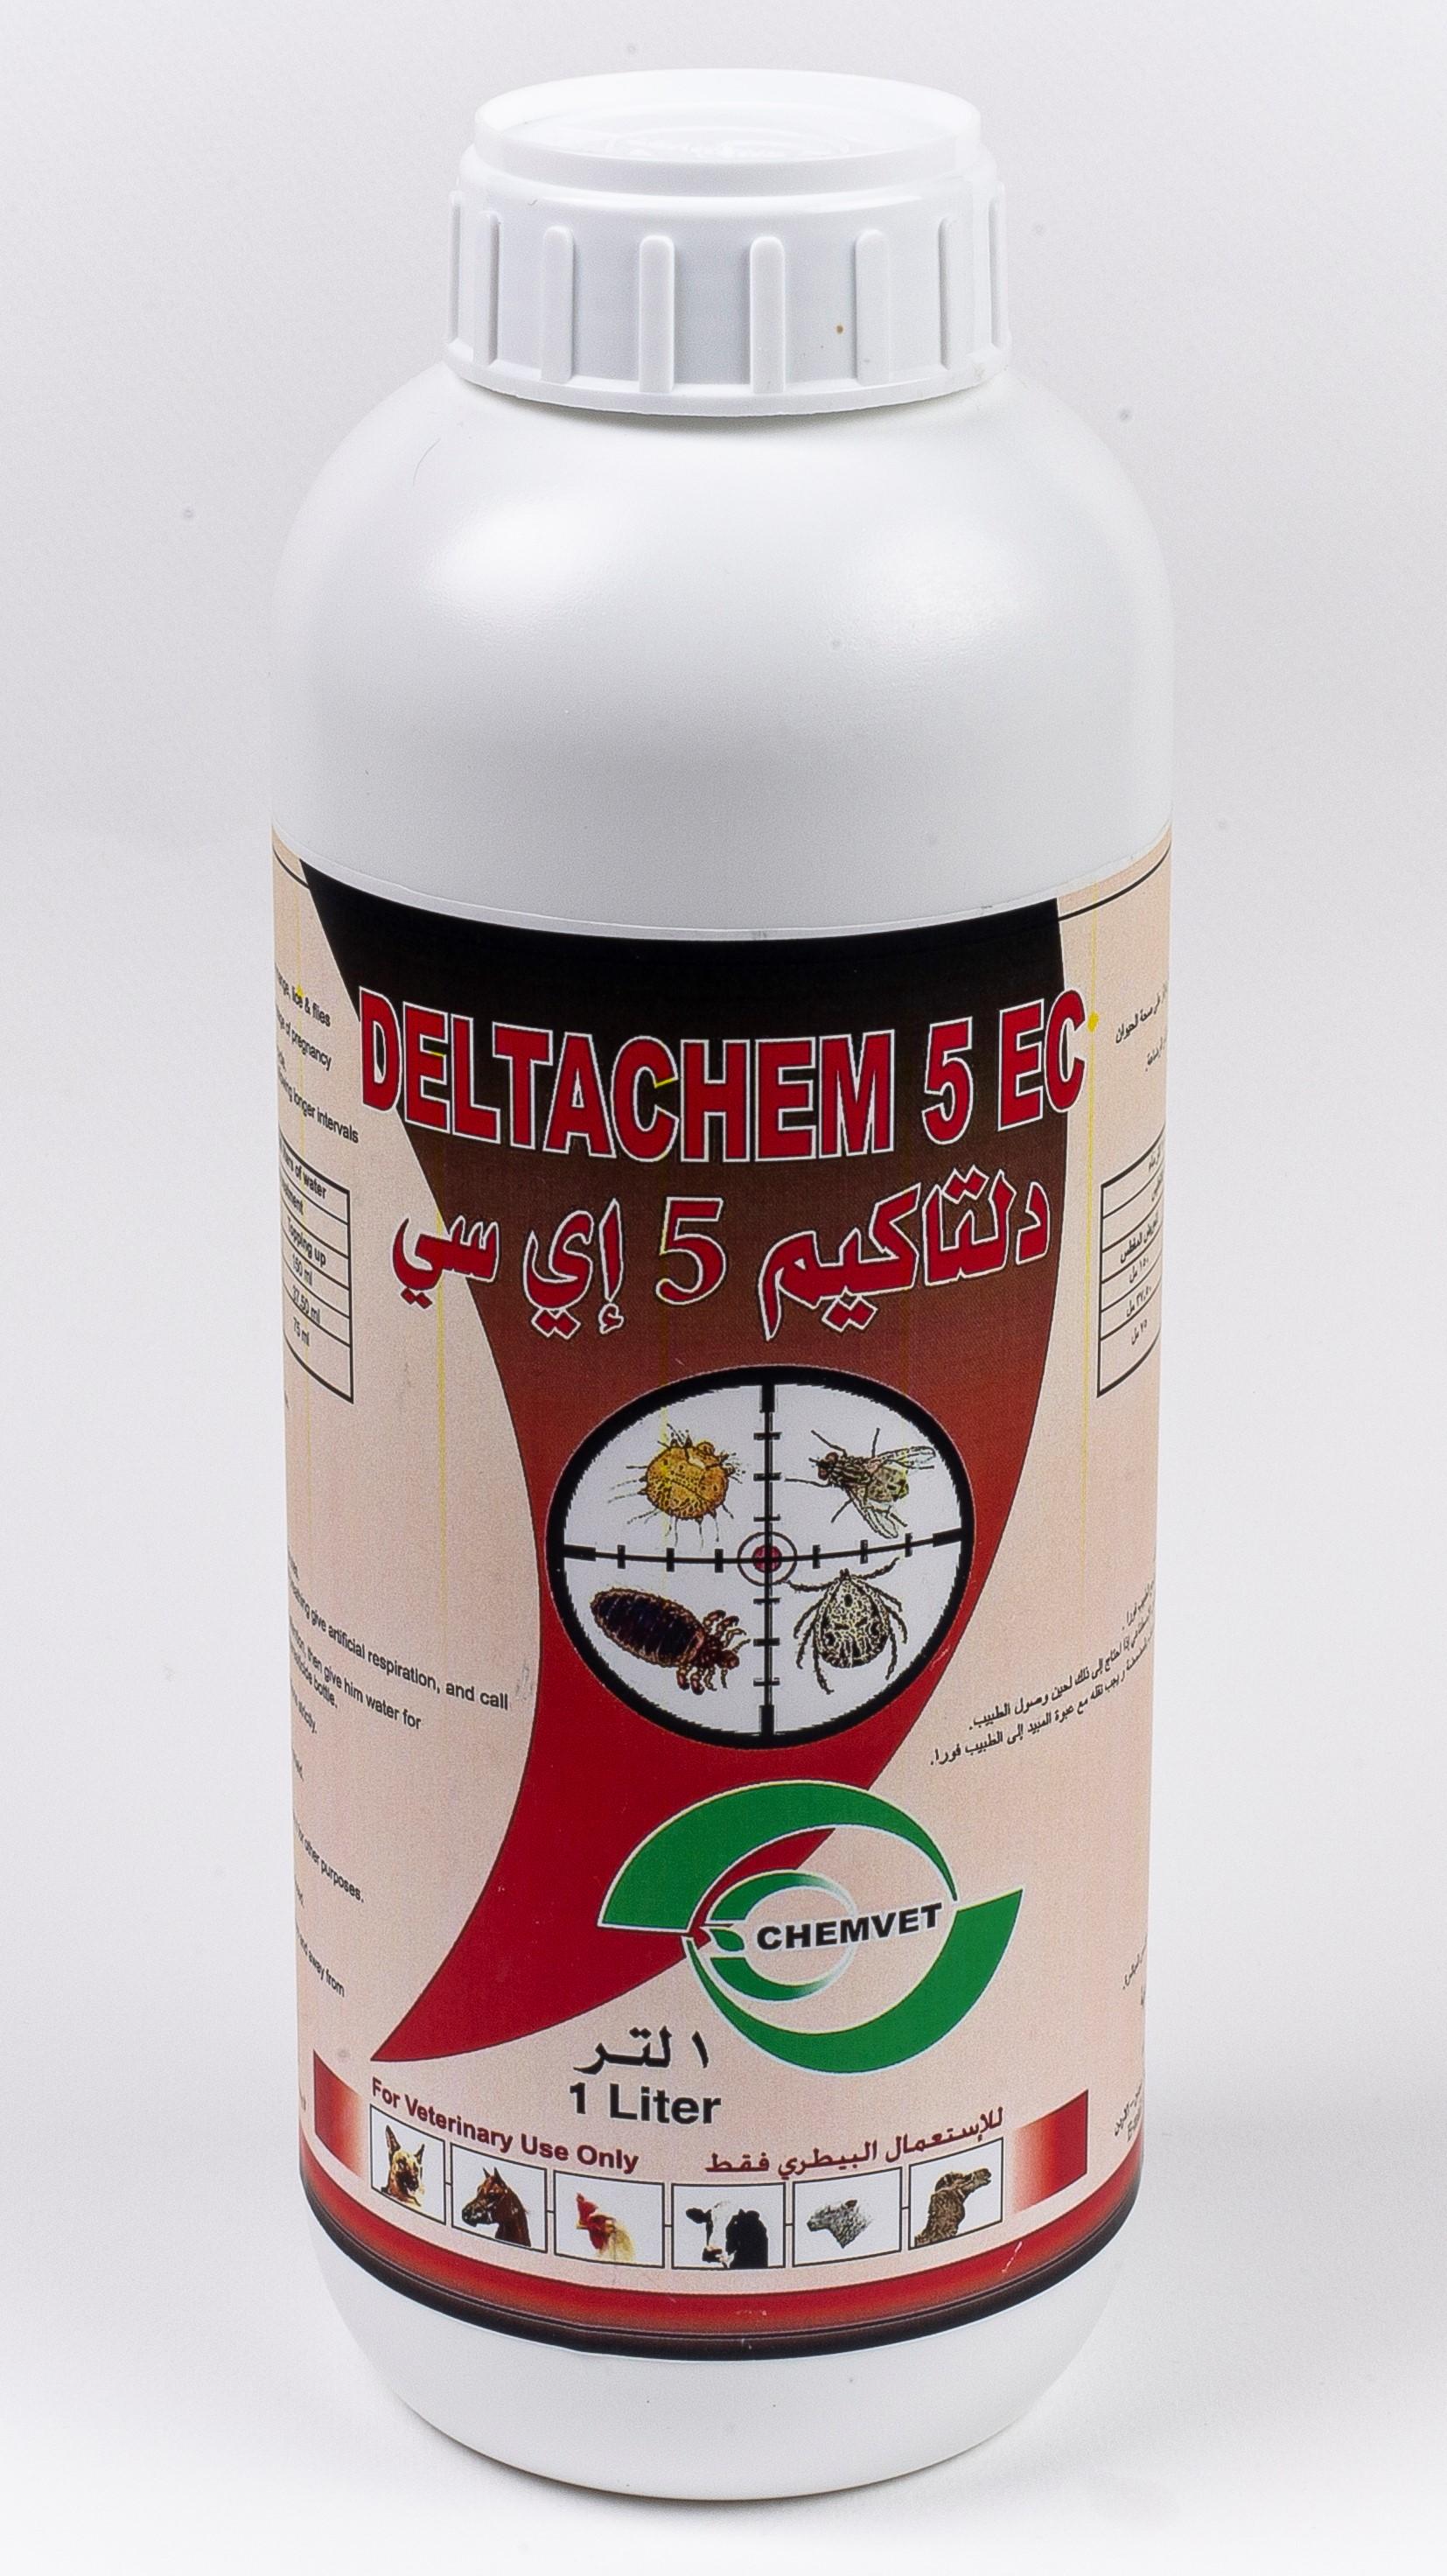 DELTACHEM 5 EC